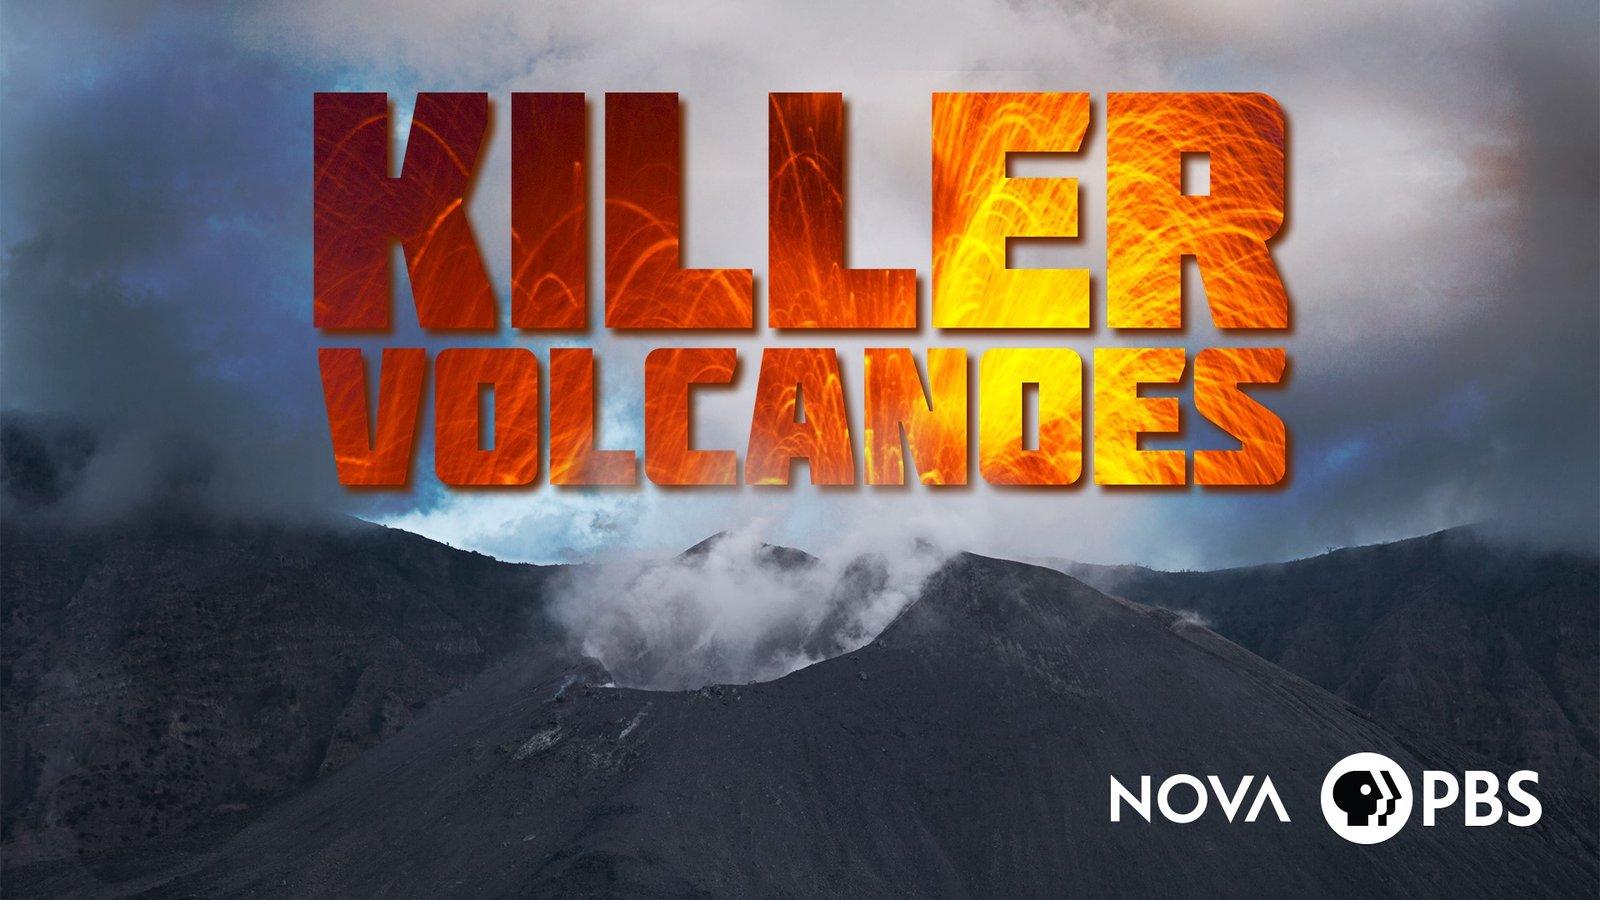 Killer Volcanoes